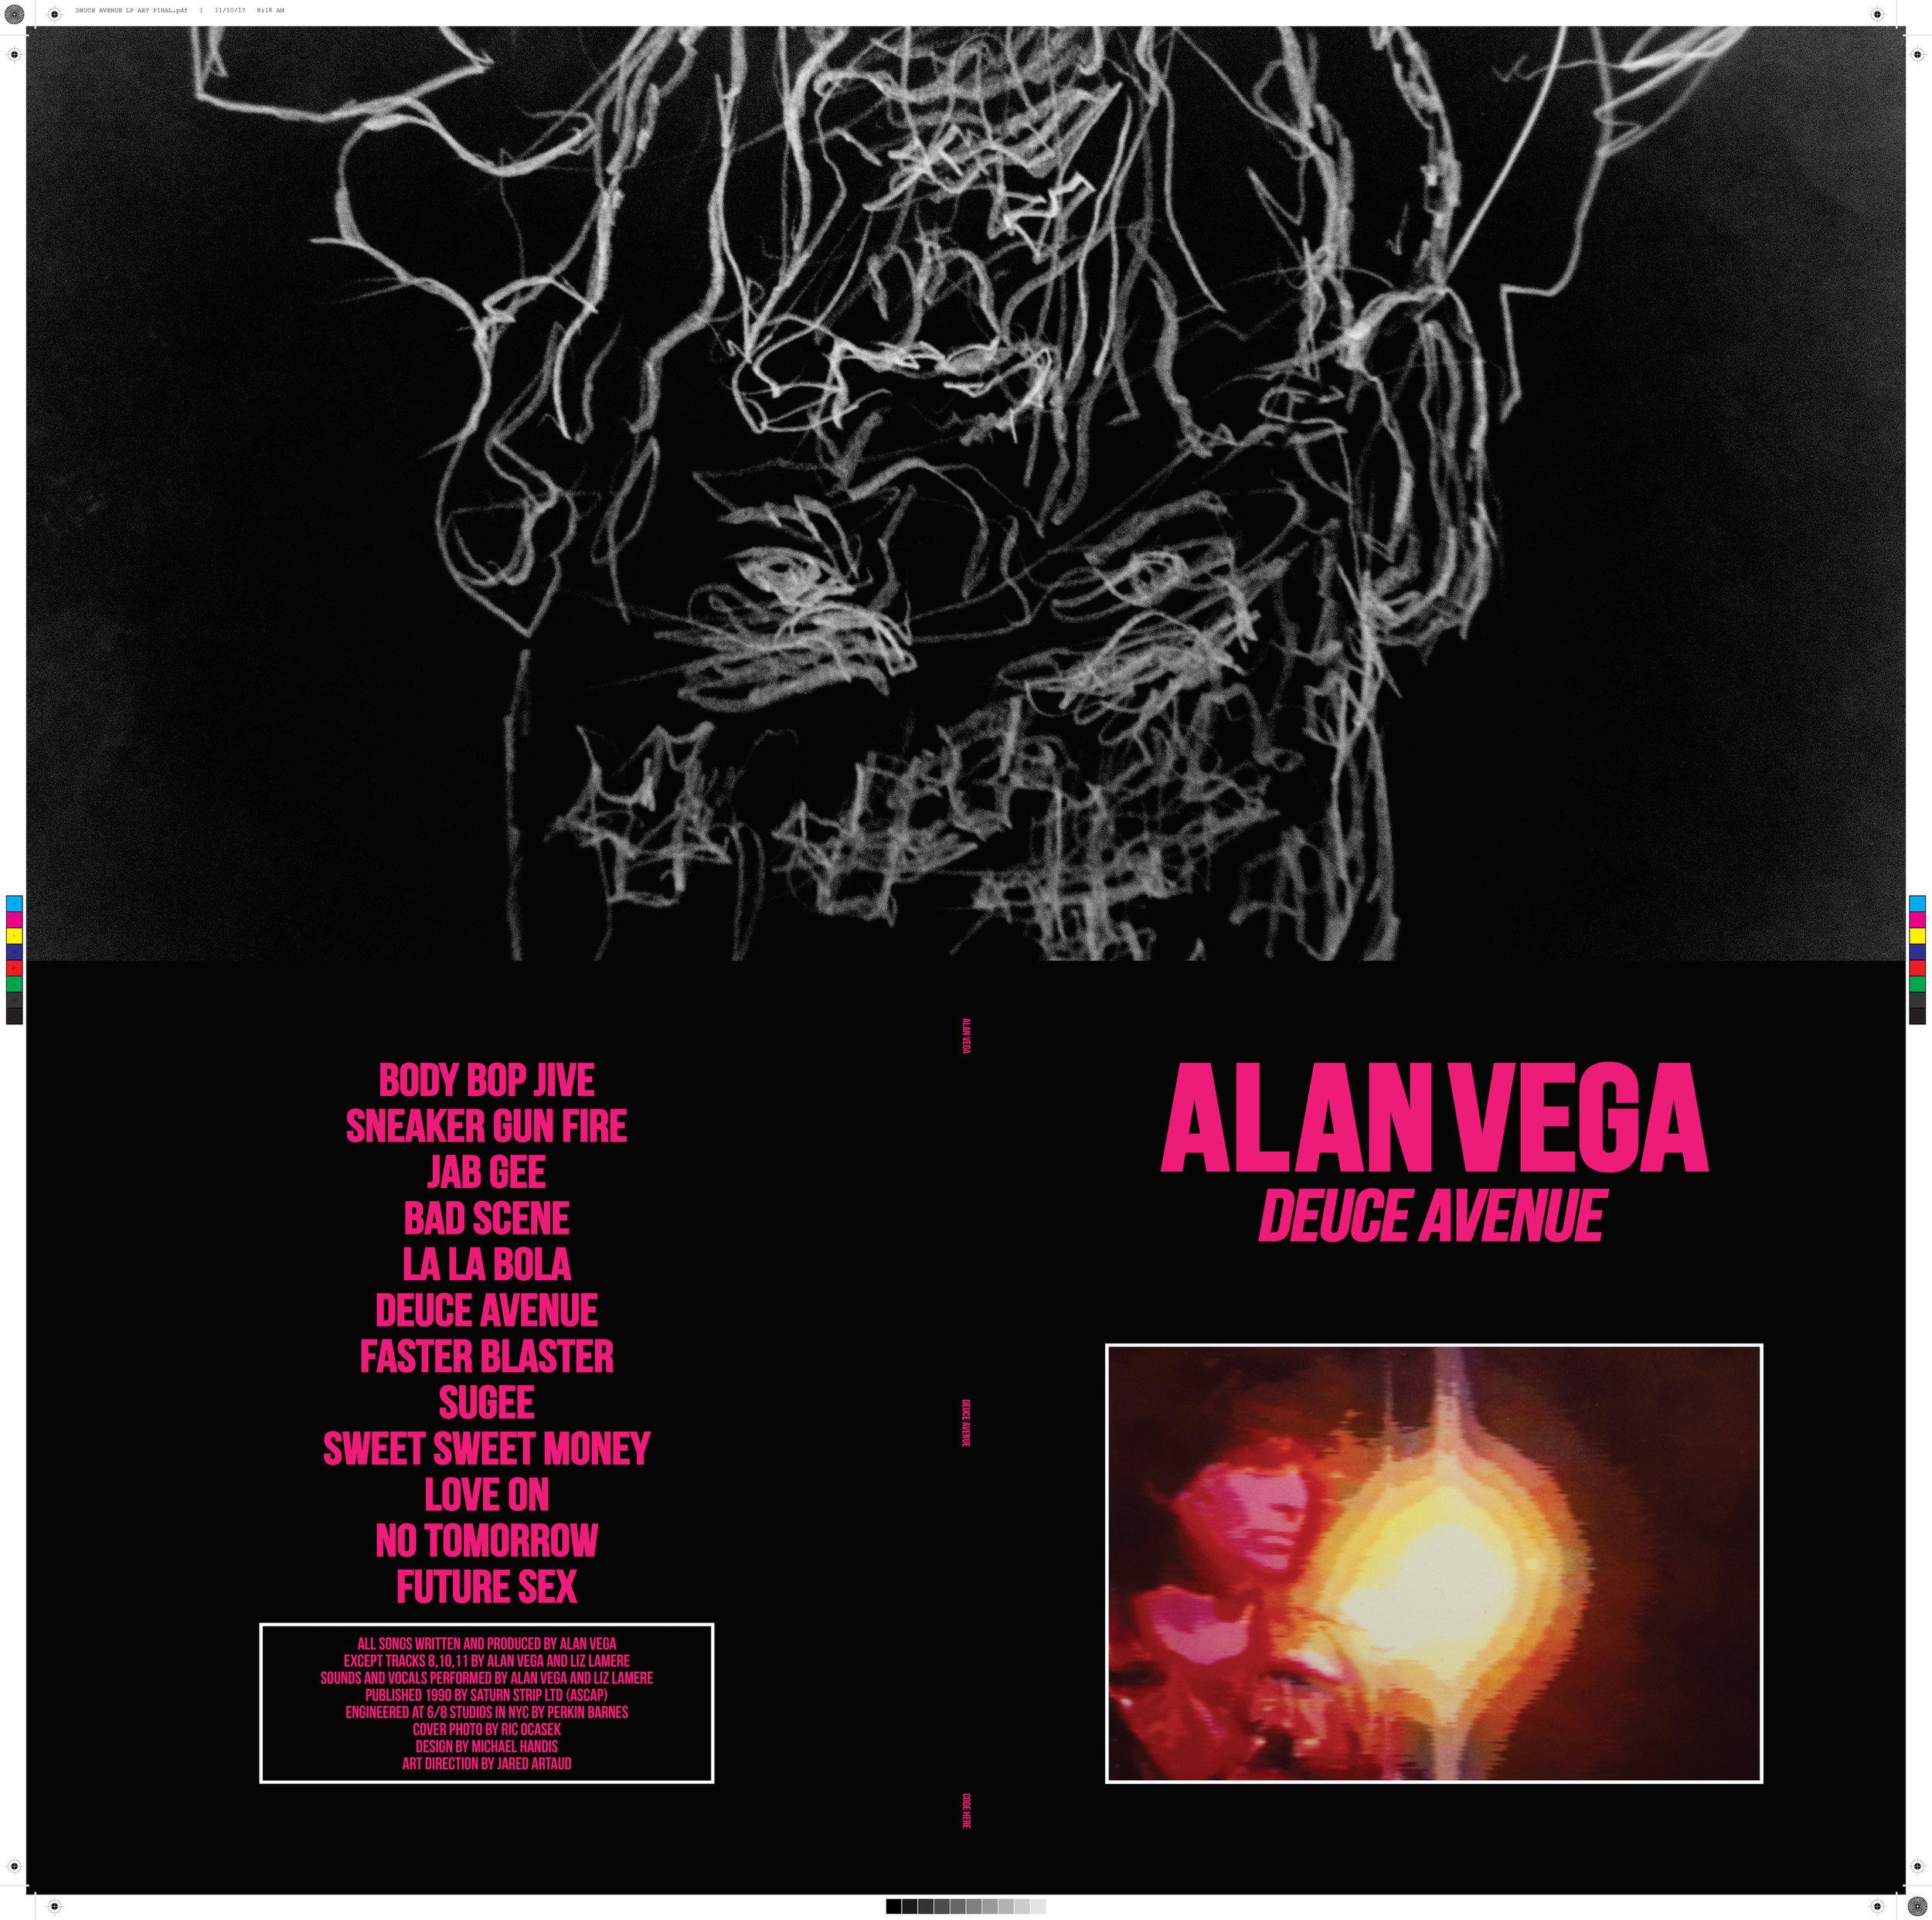 DEUCE AVENUE LP ART FINAL.jpg